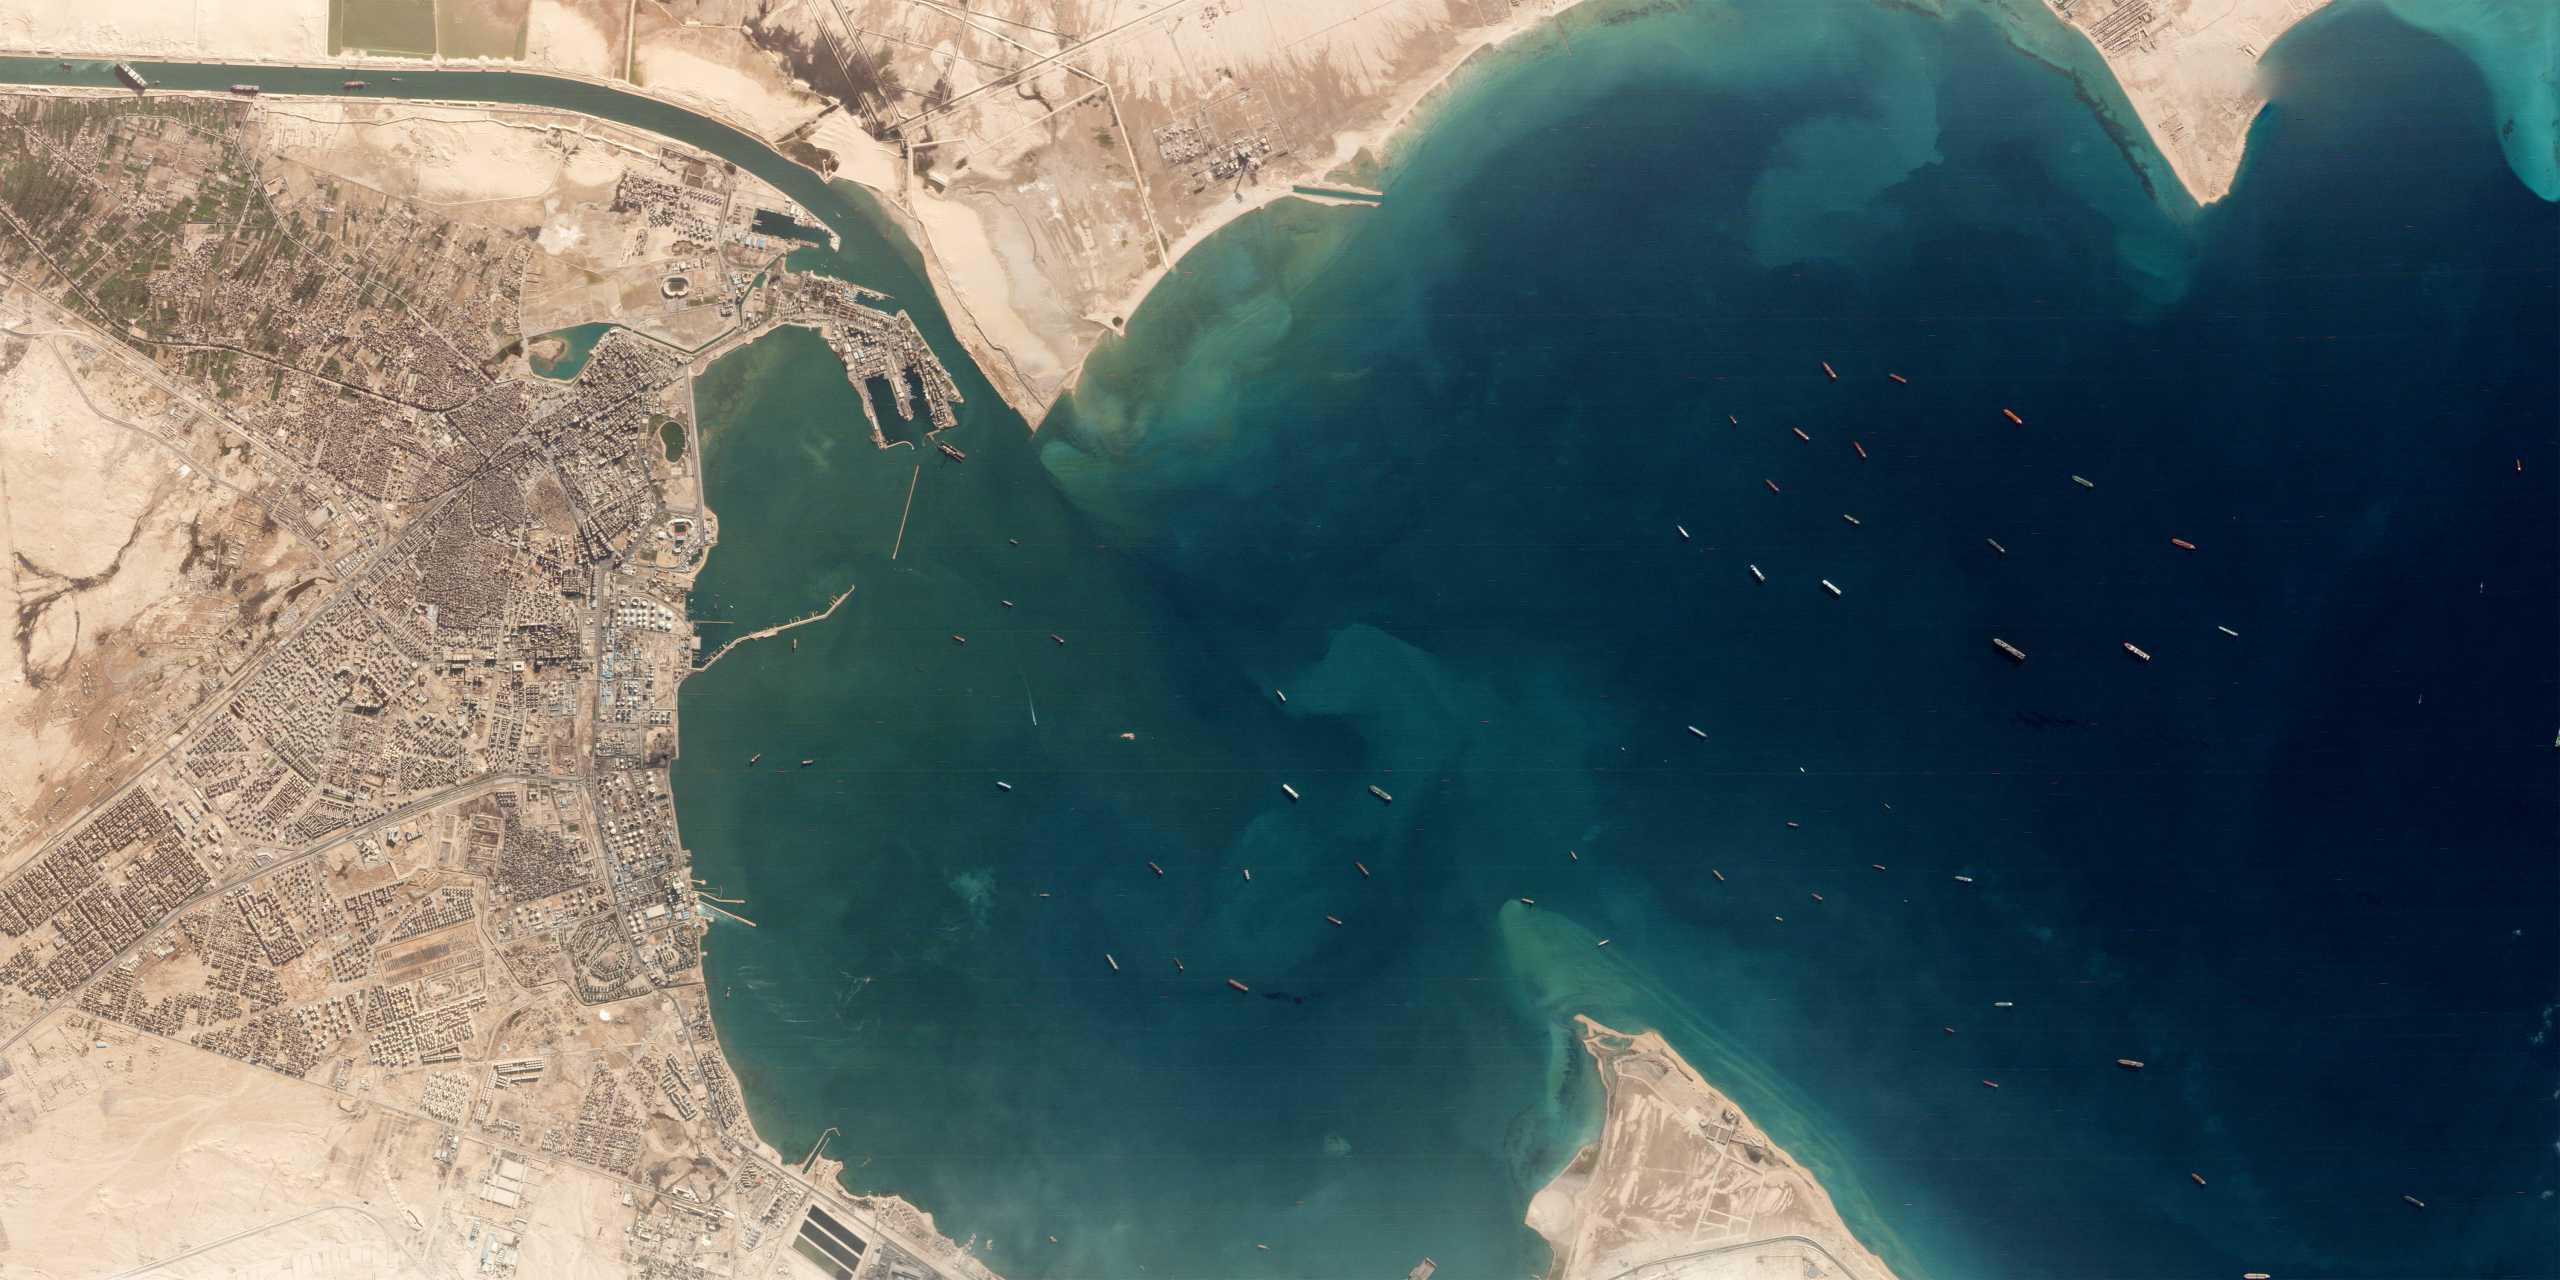 Διώρυγα του Σουέζ: Στα ύψη το πετρέλαιο από το μπλοκάρισμα – Ζημιές 10 δισ. την ημέρα